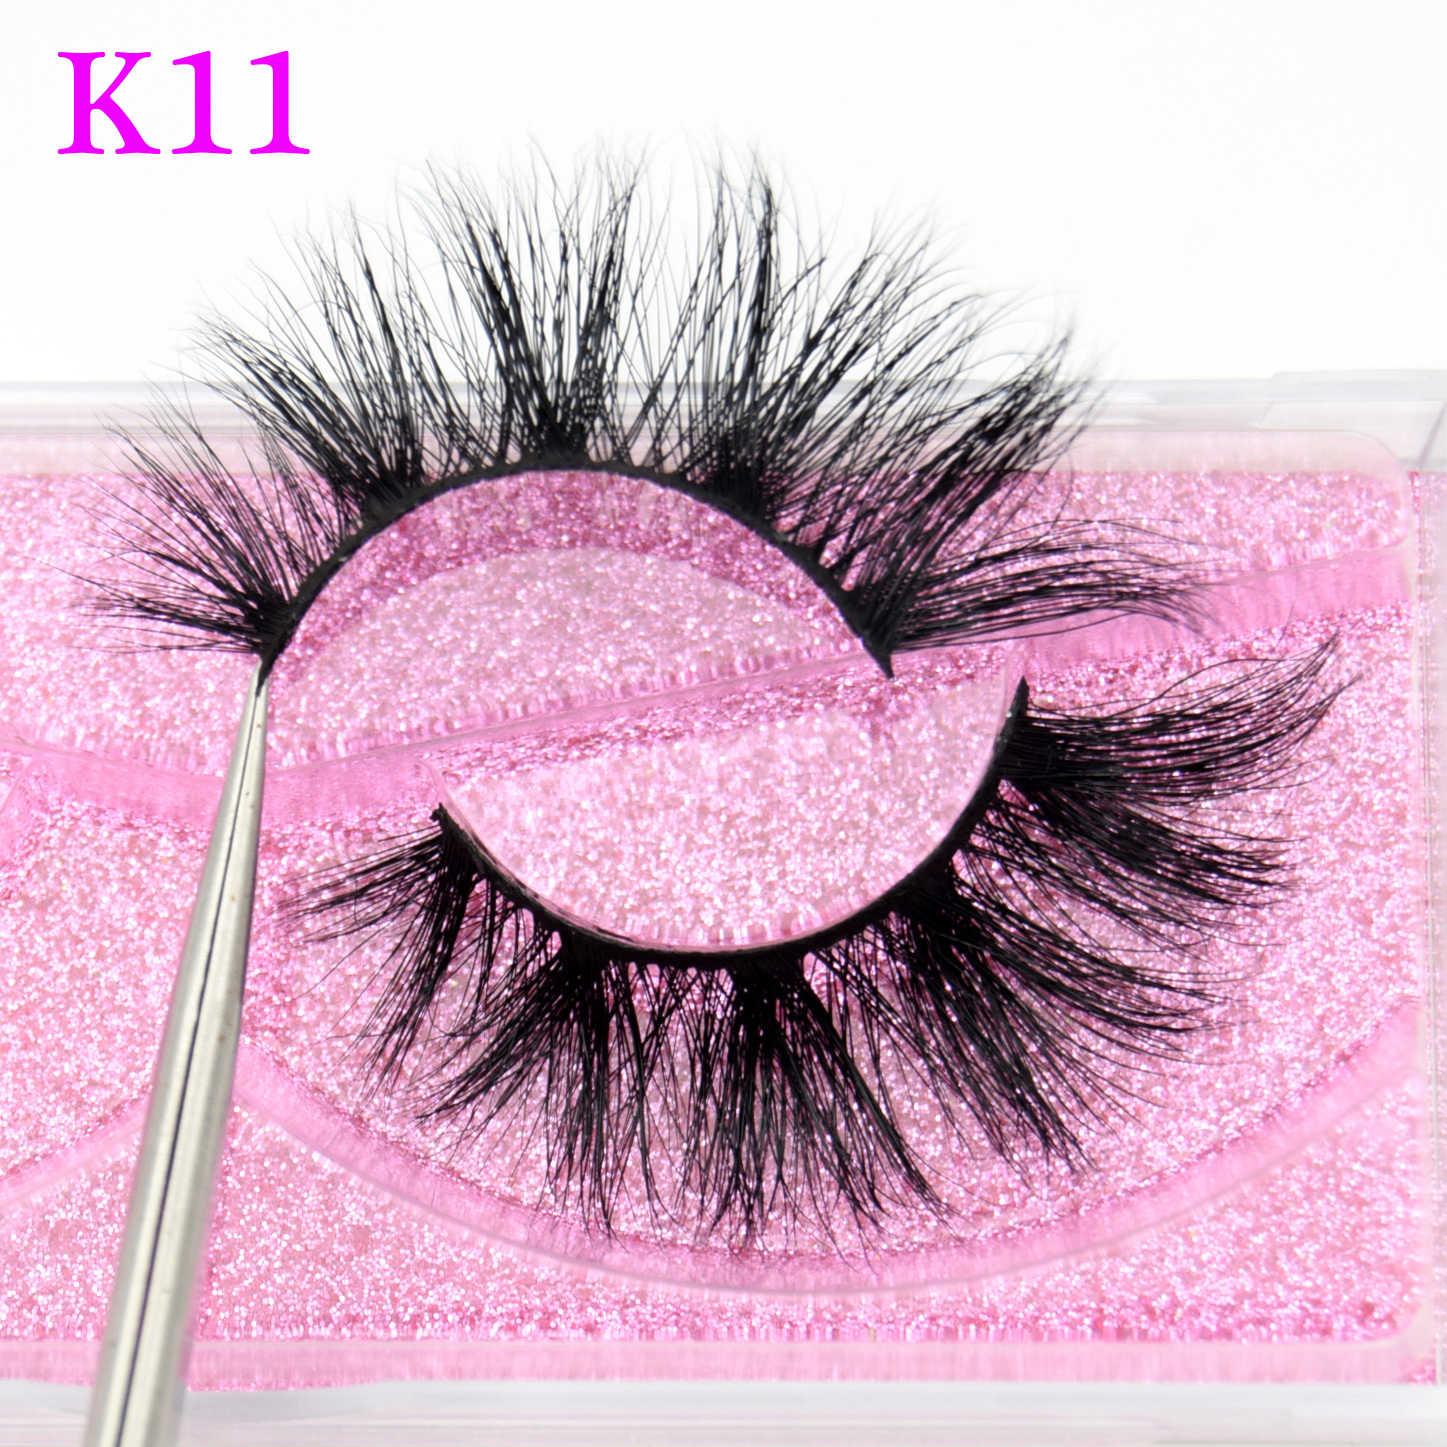 Visofree Nerz Wimpern 3D Nerz Haar Falsche Wimpern Natürliche Starke Lange Wimpern Flauschigen Make-Up Schönheit Verlängerung Werkzeuge K11